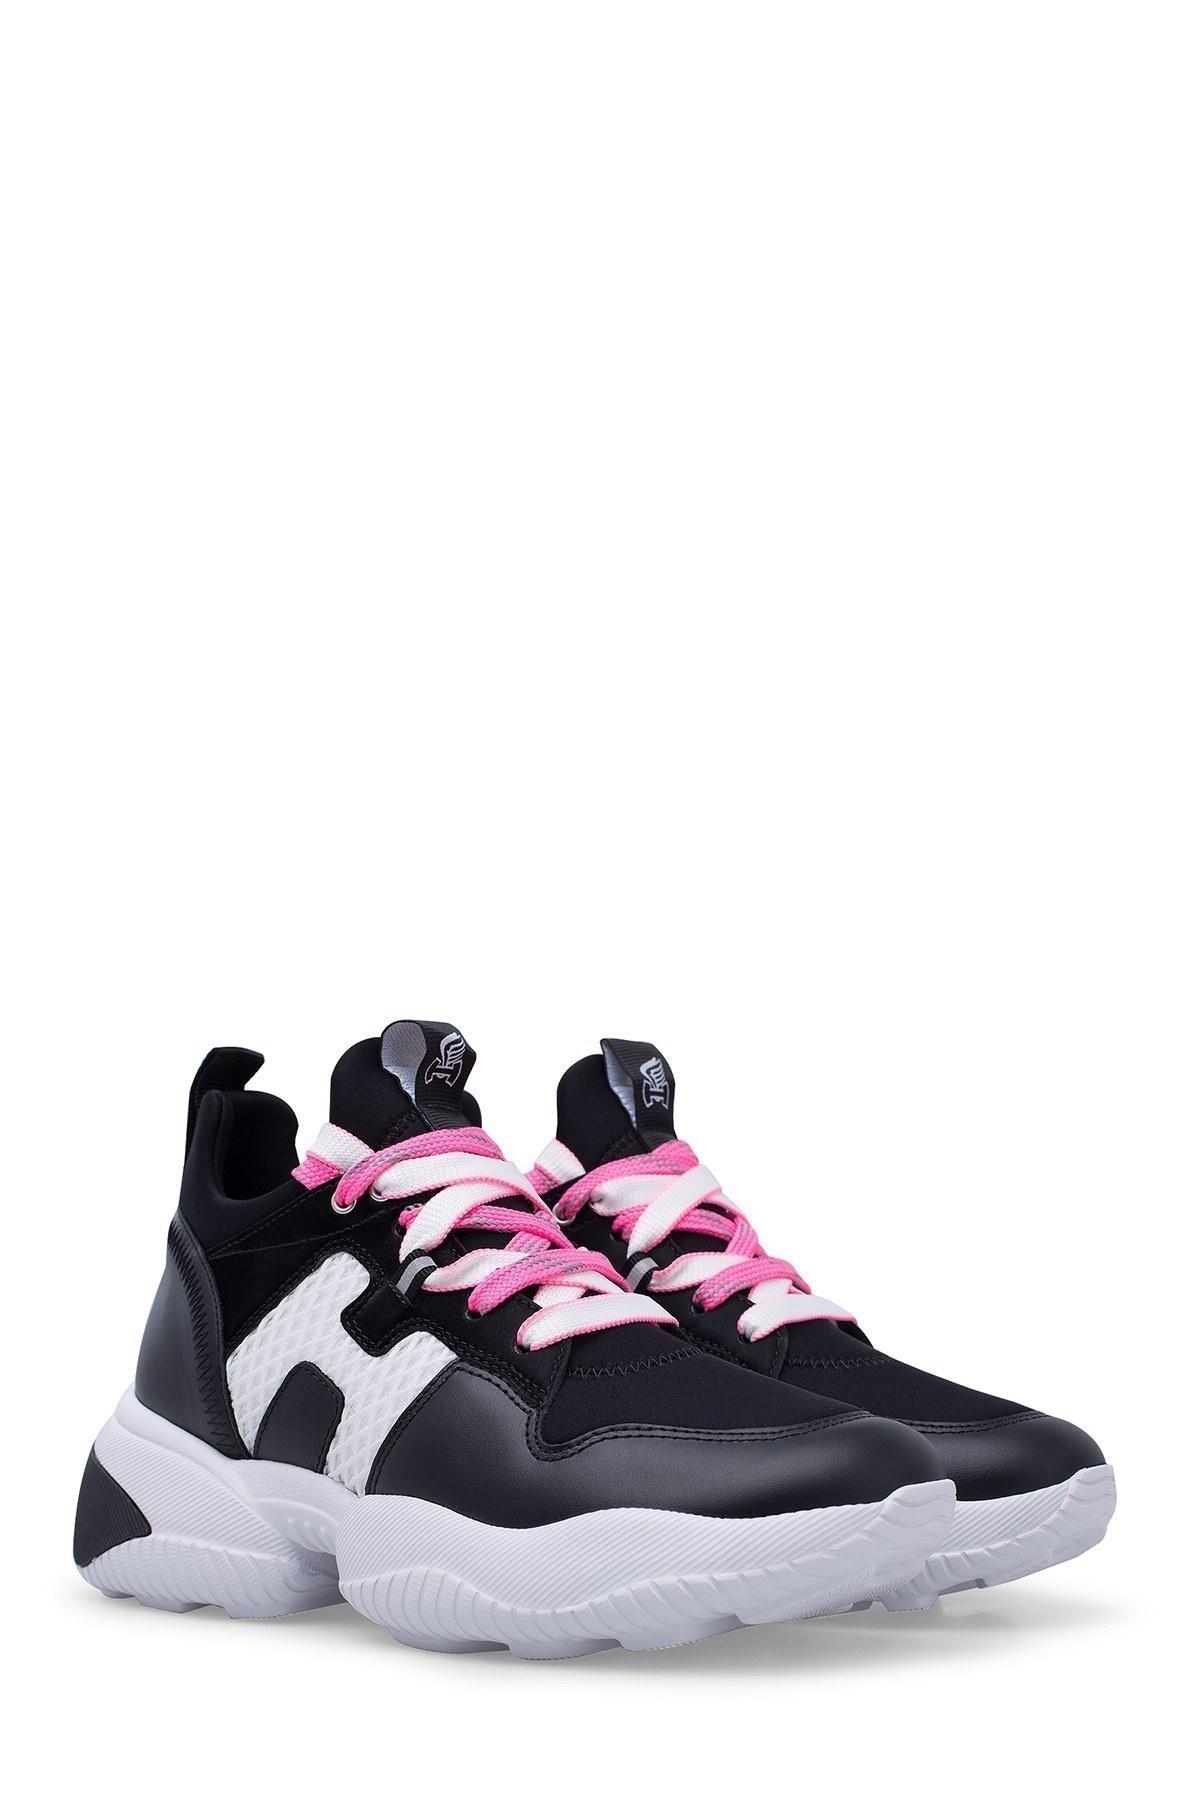 Hogan Kadın Ayakkabı HXW5250CH20NBP0001